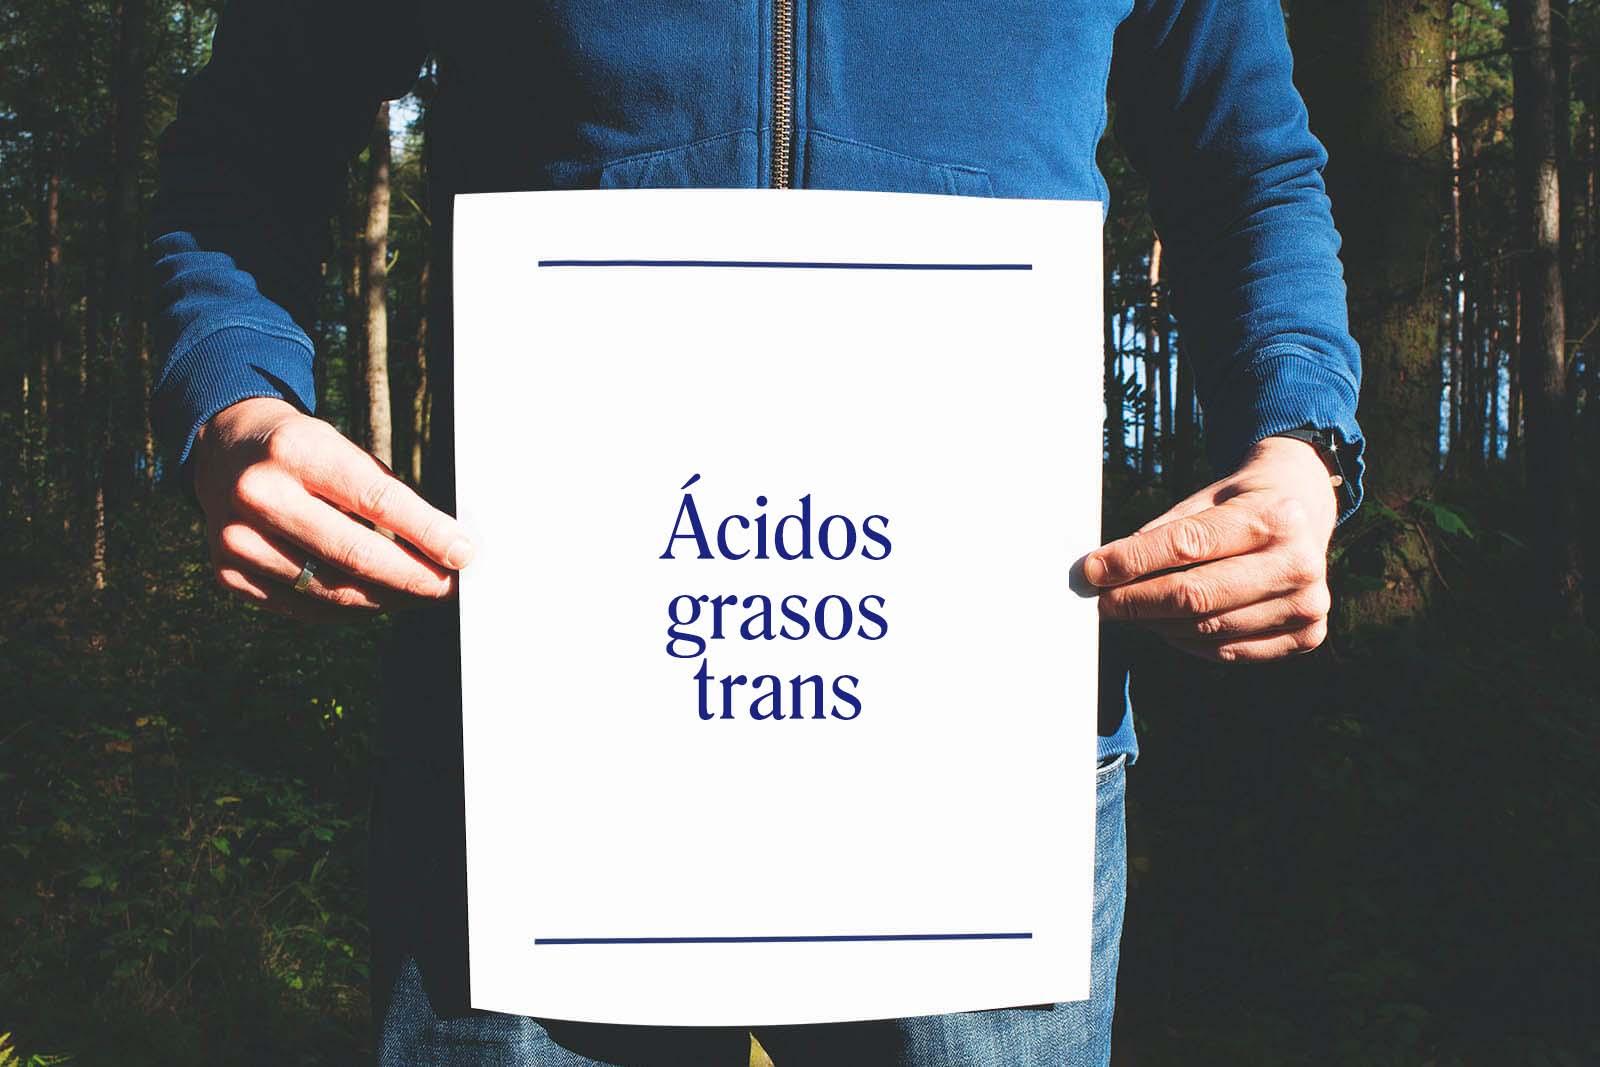 Ácidos grasos trans